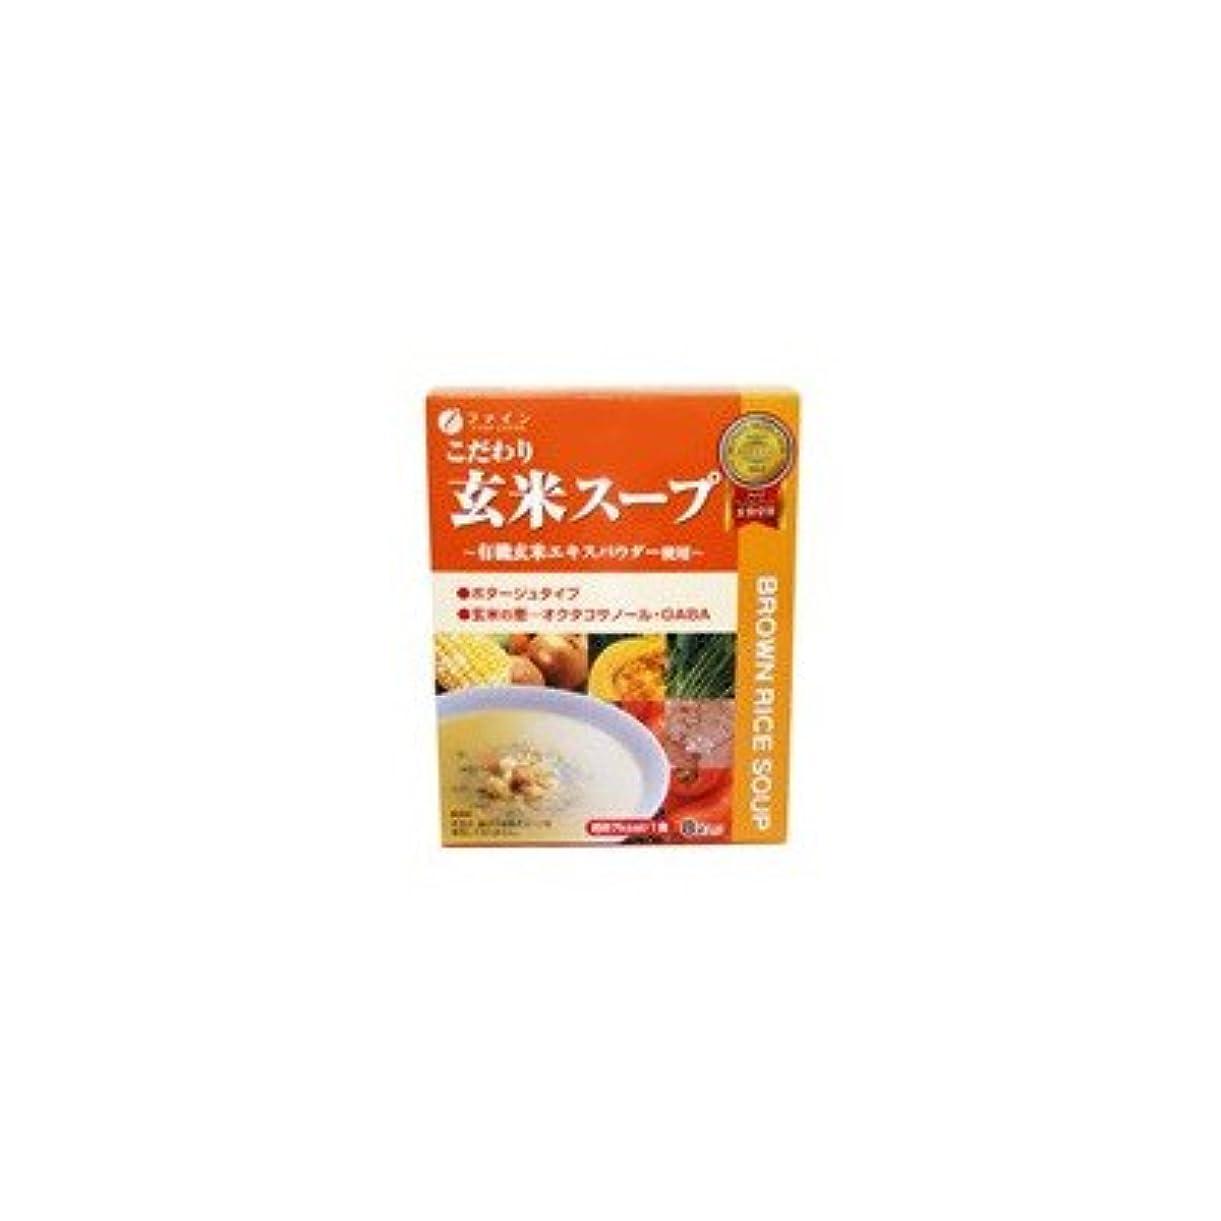 コンドーム不実濃度ファイン 203399 こだわり玄米スープ(8食入り)